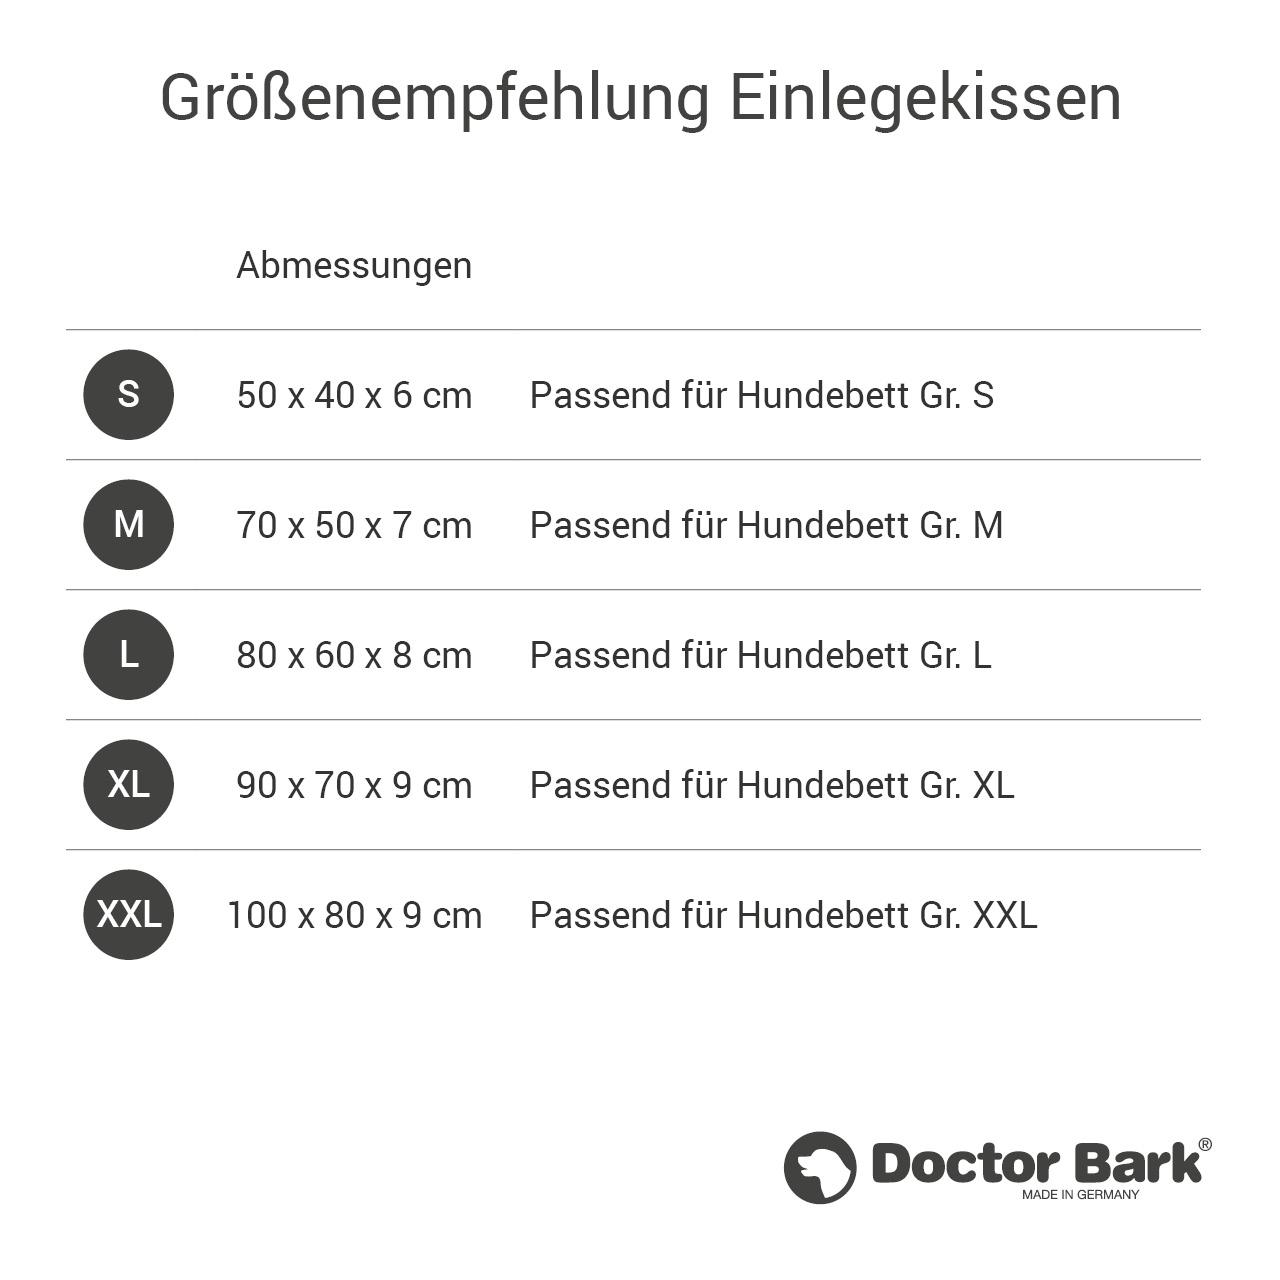 orthopädisches Einlegekissen für Doctor Bark Hundebett Gr. XL - hellgrau